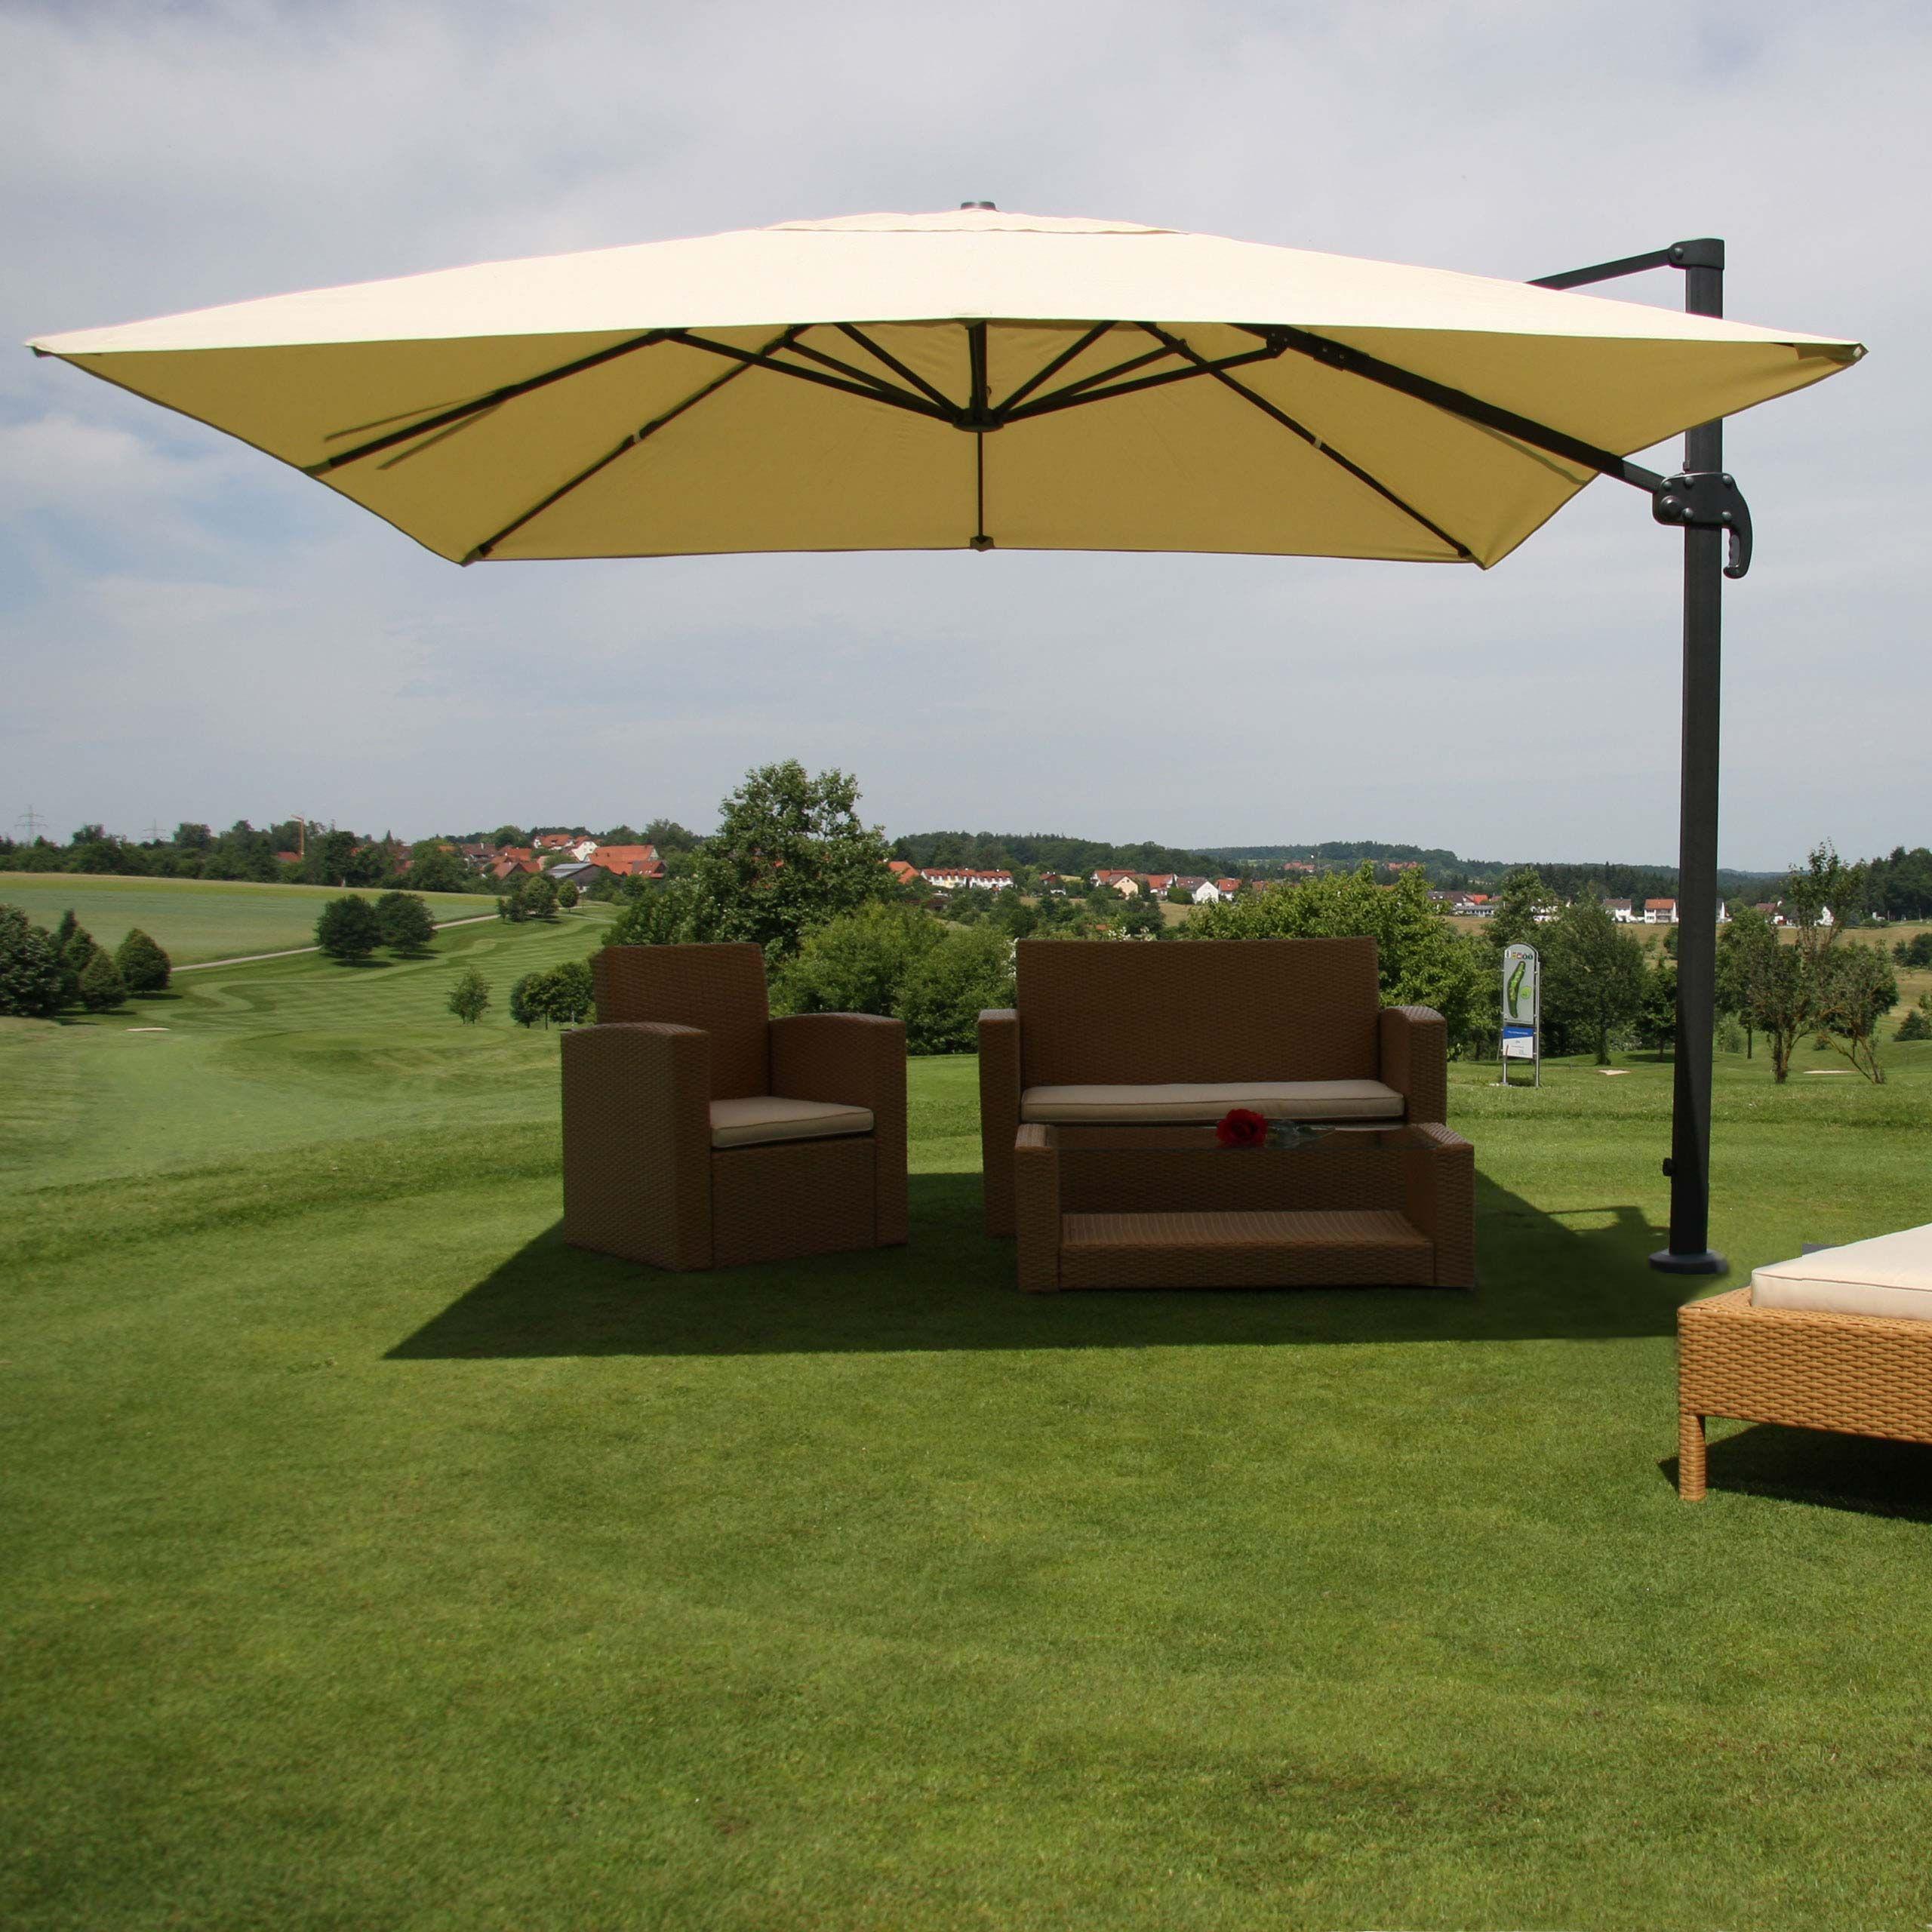 alu gastronomie luxus ampelschirm 3 5x3 5m haus garten sonnenschirme und st nder ampelschirme. Black Bedroom Furniture Sets. Home Design Ideas